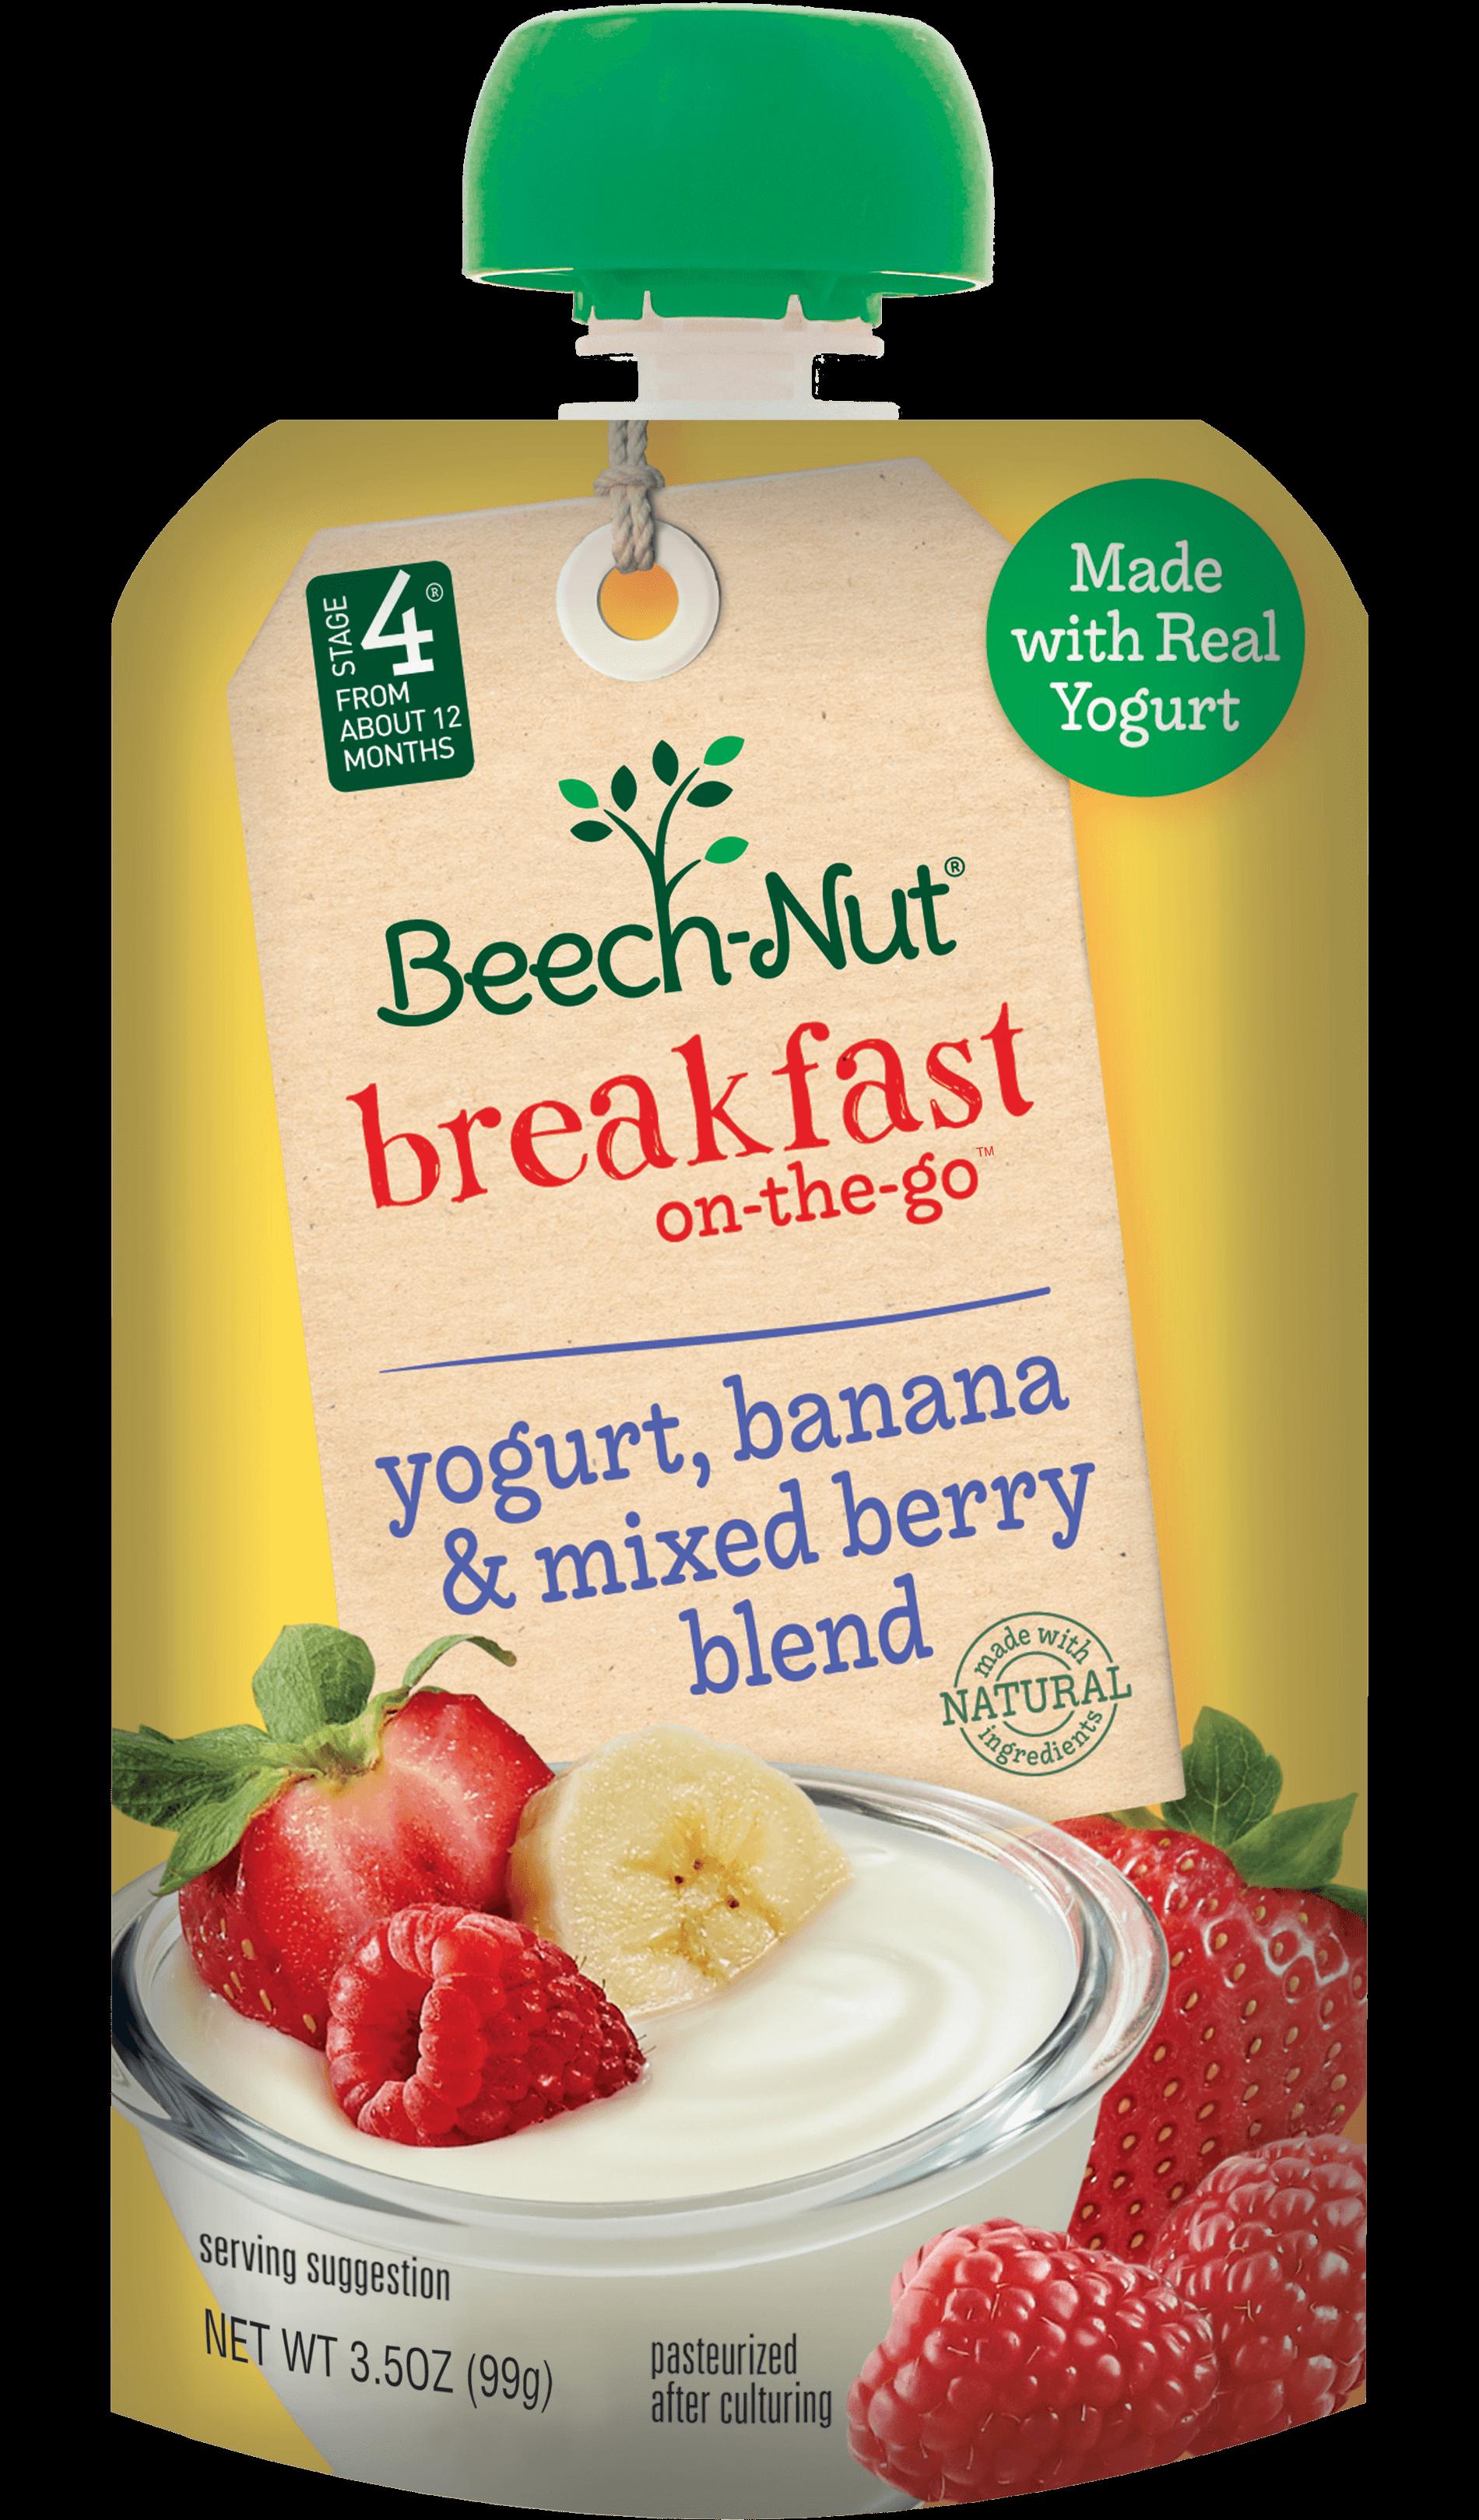 Beech Nut 174 Yogurt Banana And Mixed Berry Blend Breakfast